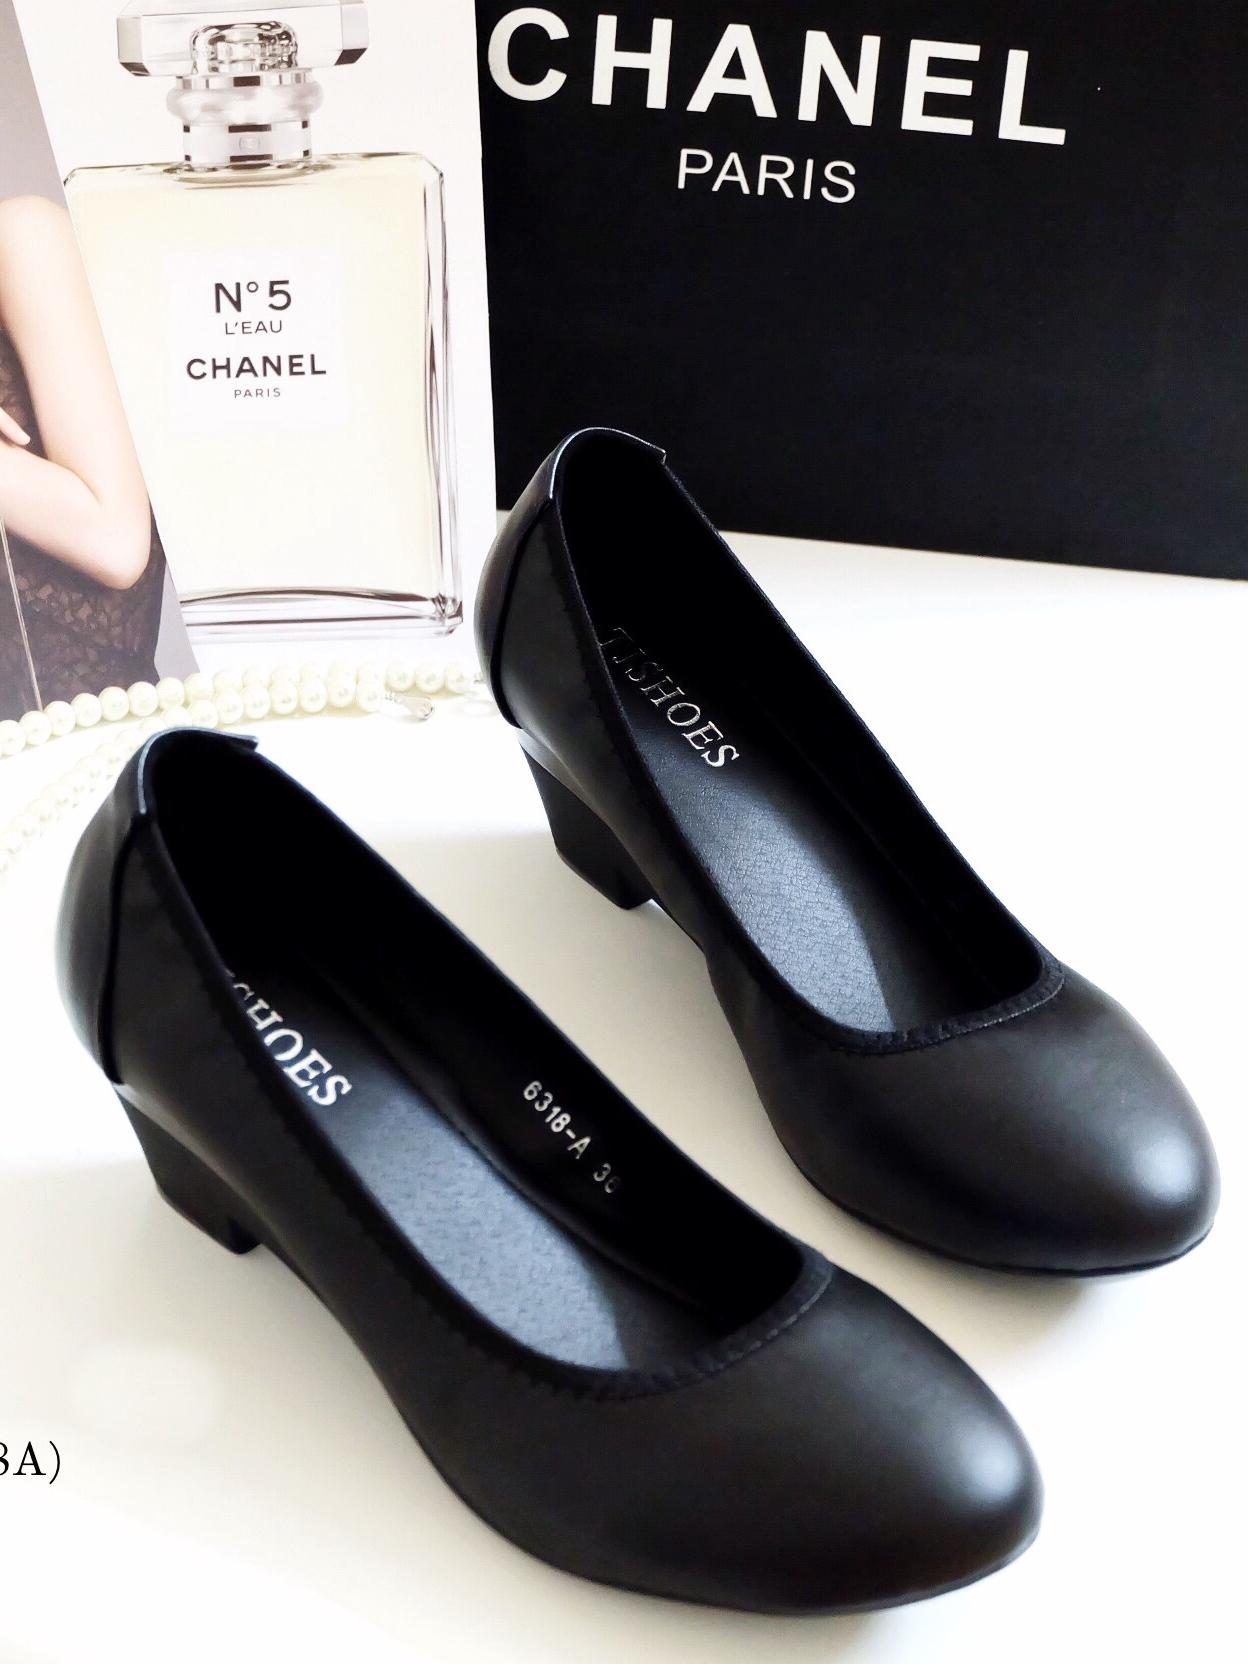 รองเท้าคัทชูผู้หญิง ส้นตัน ทรงสุภาพ (สีดำ)